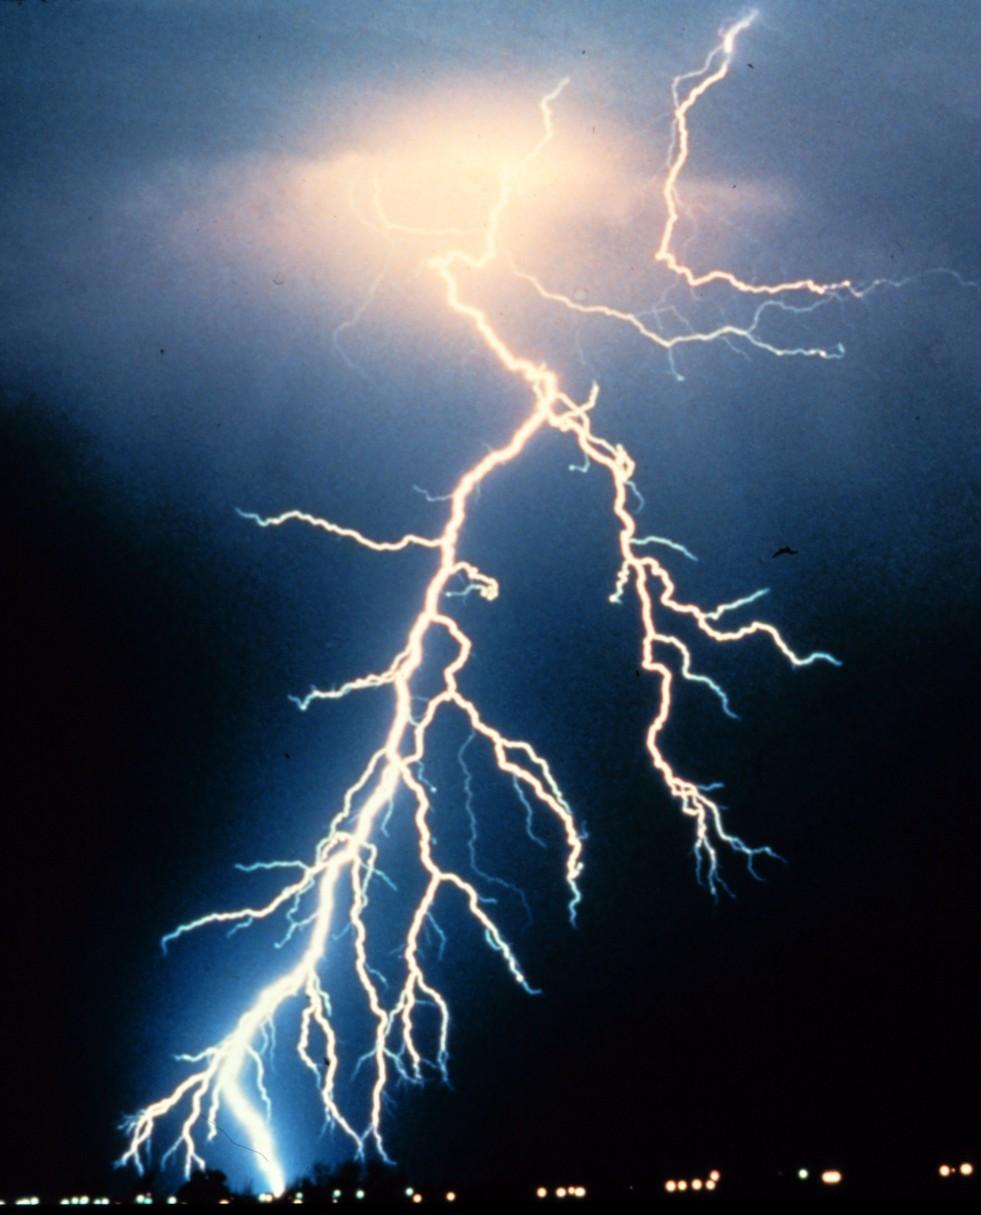 space-and-earth-meteorology-lightening.jpg